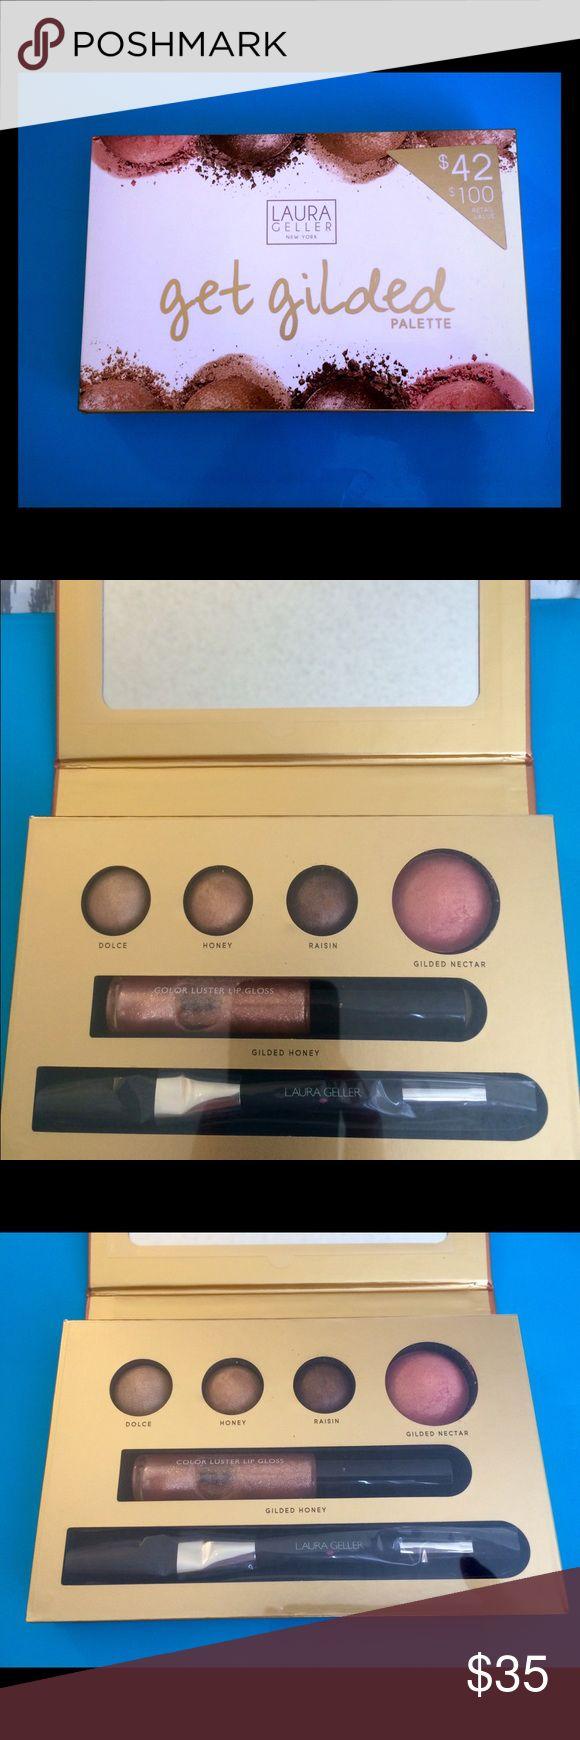 Laura Geller, New York Get Gilded Palette Boutique Laura